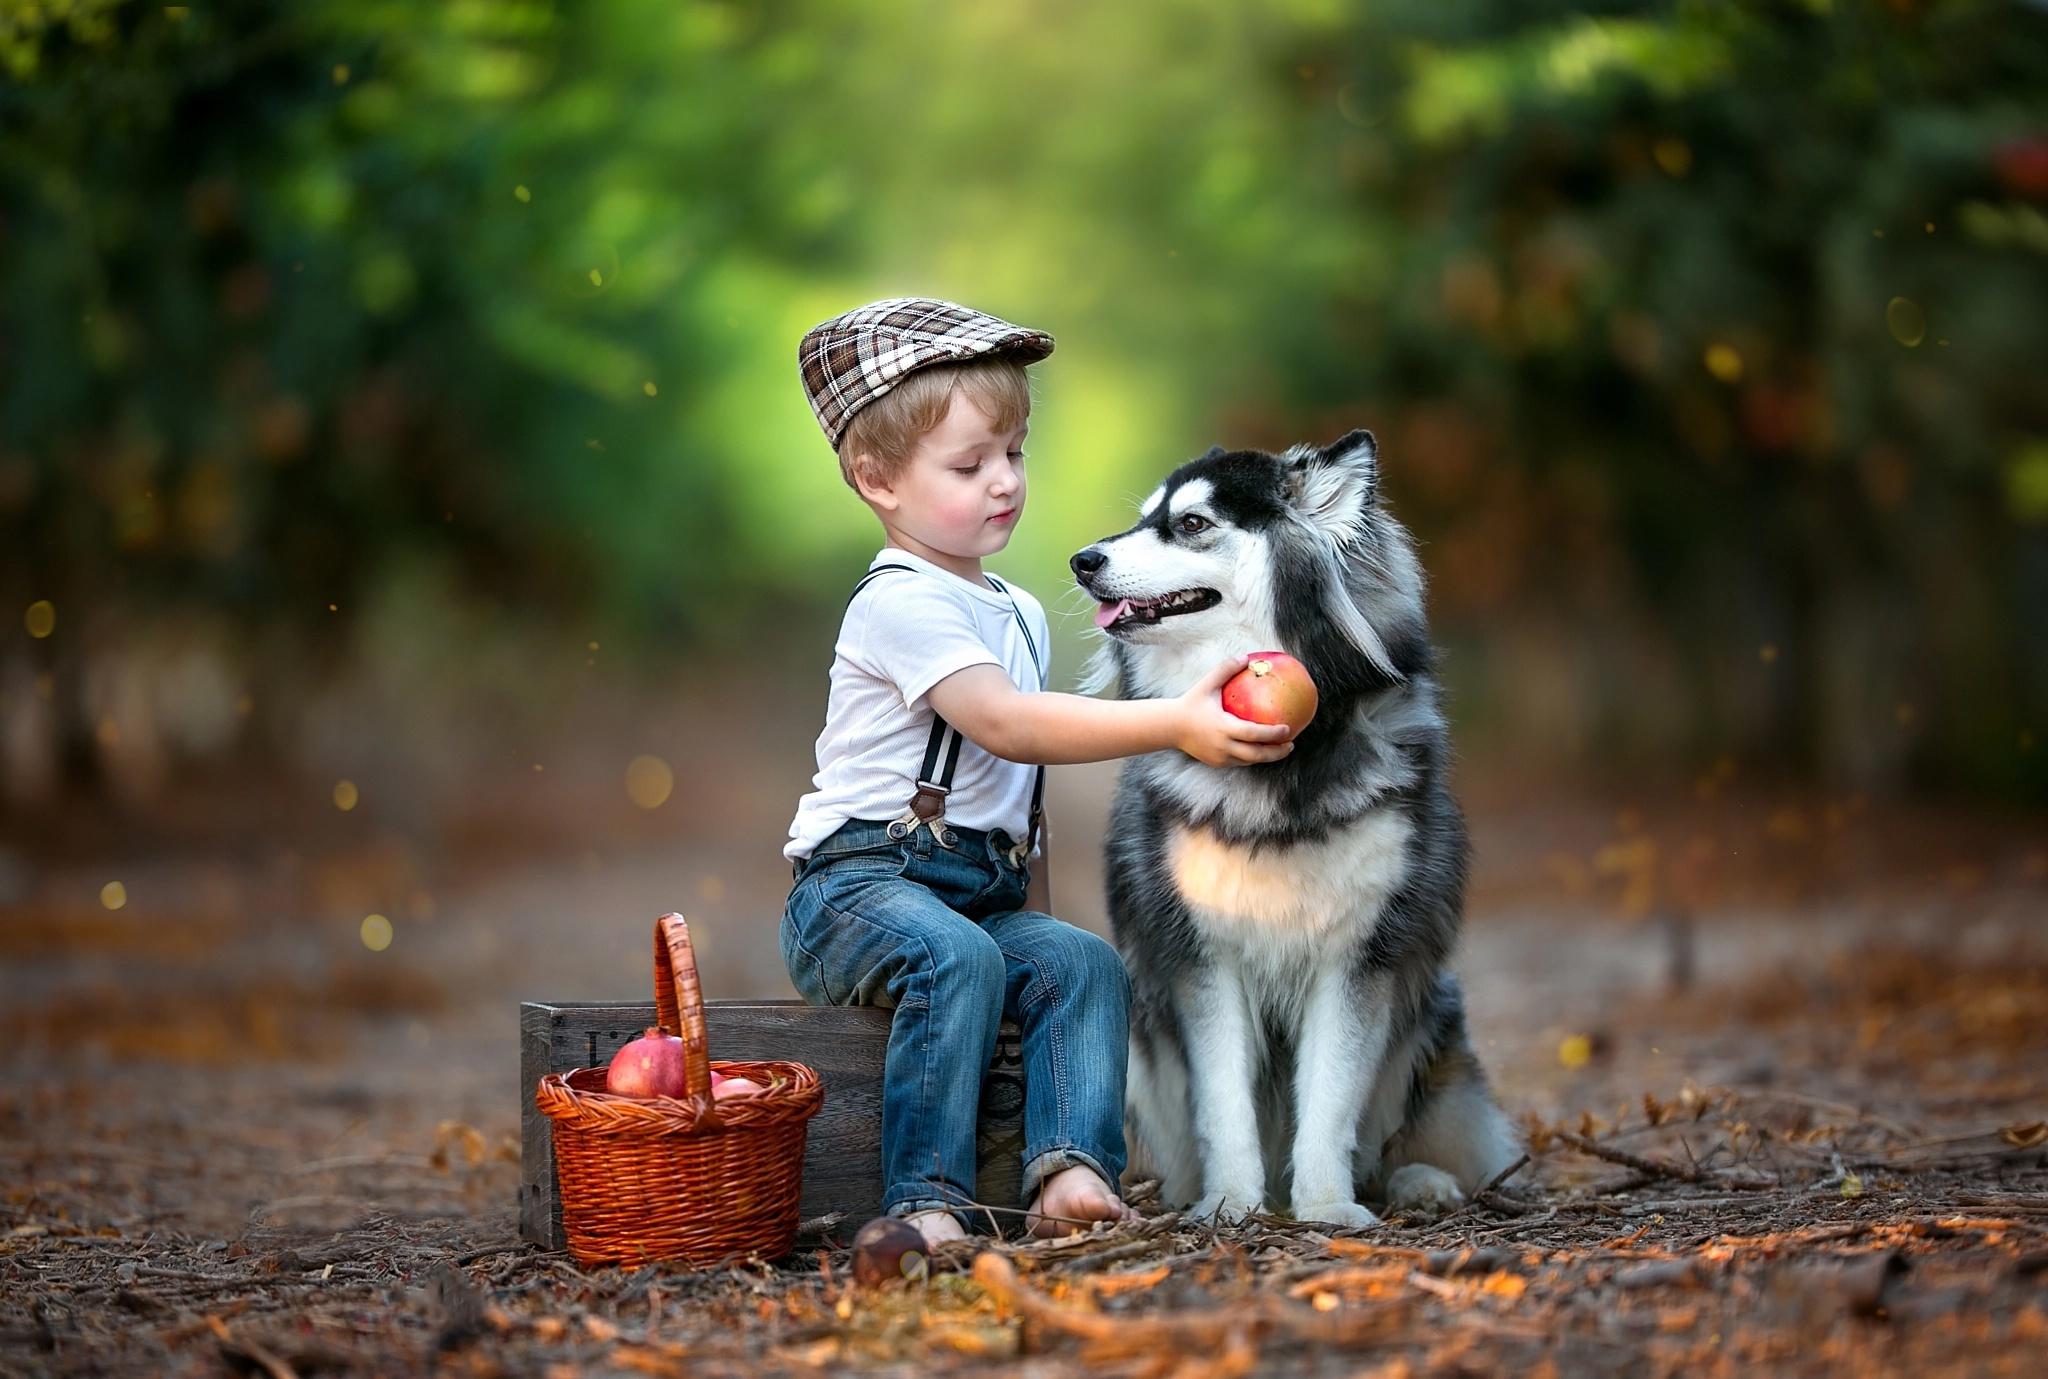 Собака ребенок  № 2980107 бесплатно